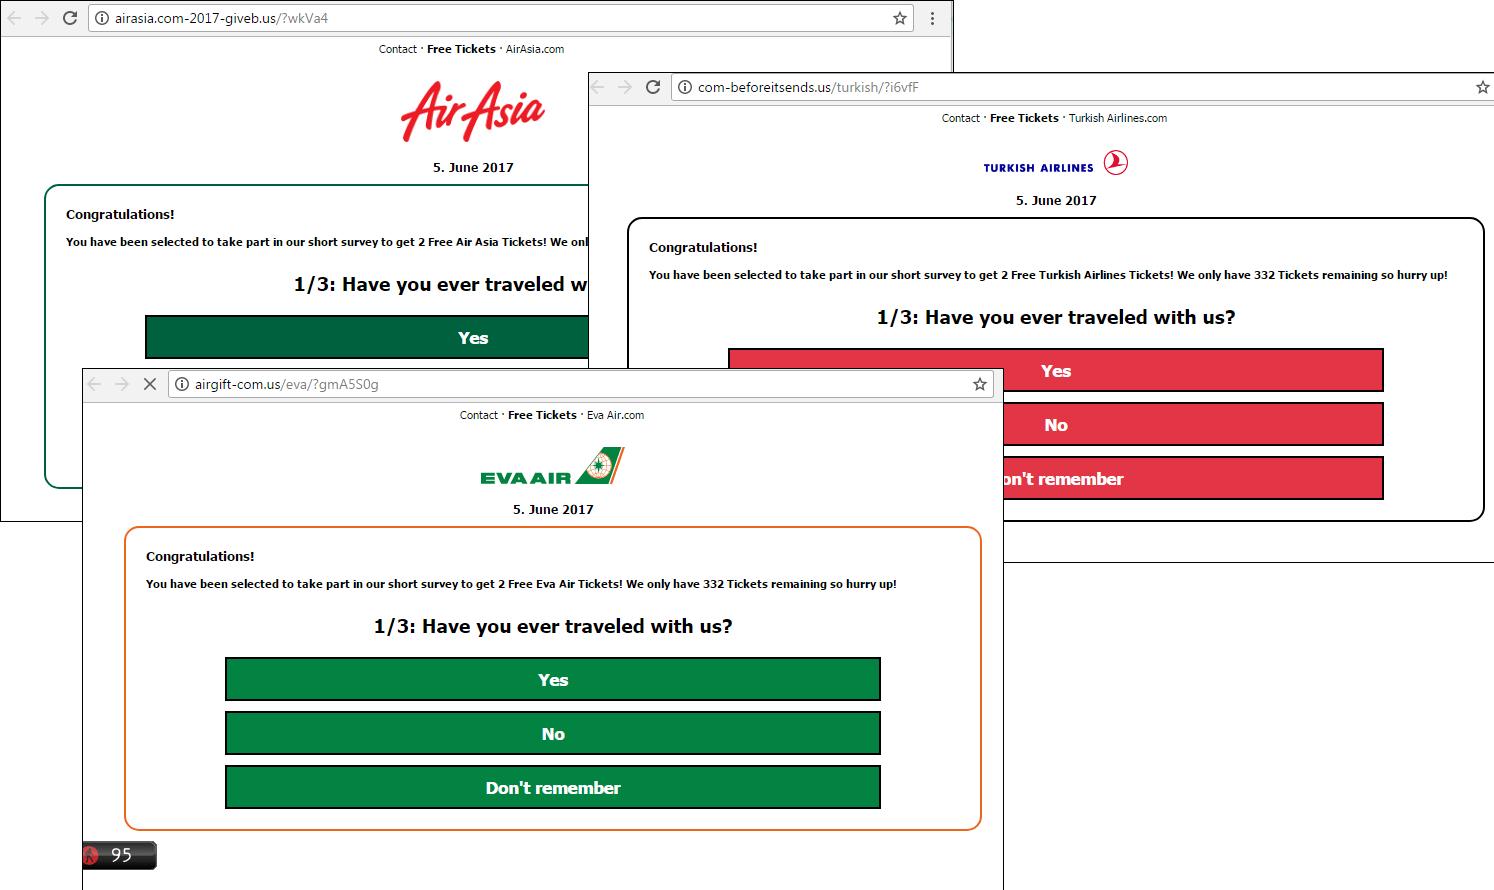 Kaspersky: Non, vous n'avez pas gagné deux billets d'avion tourisme, hameçonnage, gratuit, compagnies aériennes, billets, arnaque